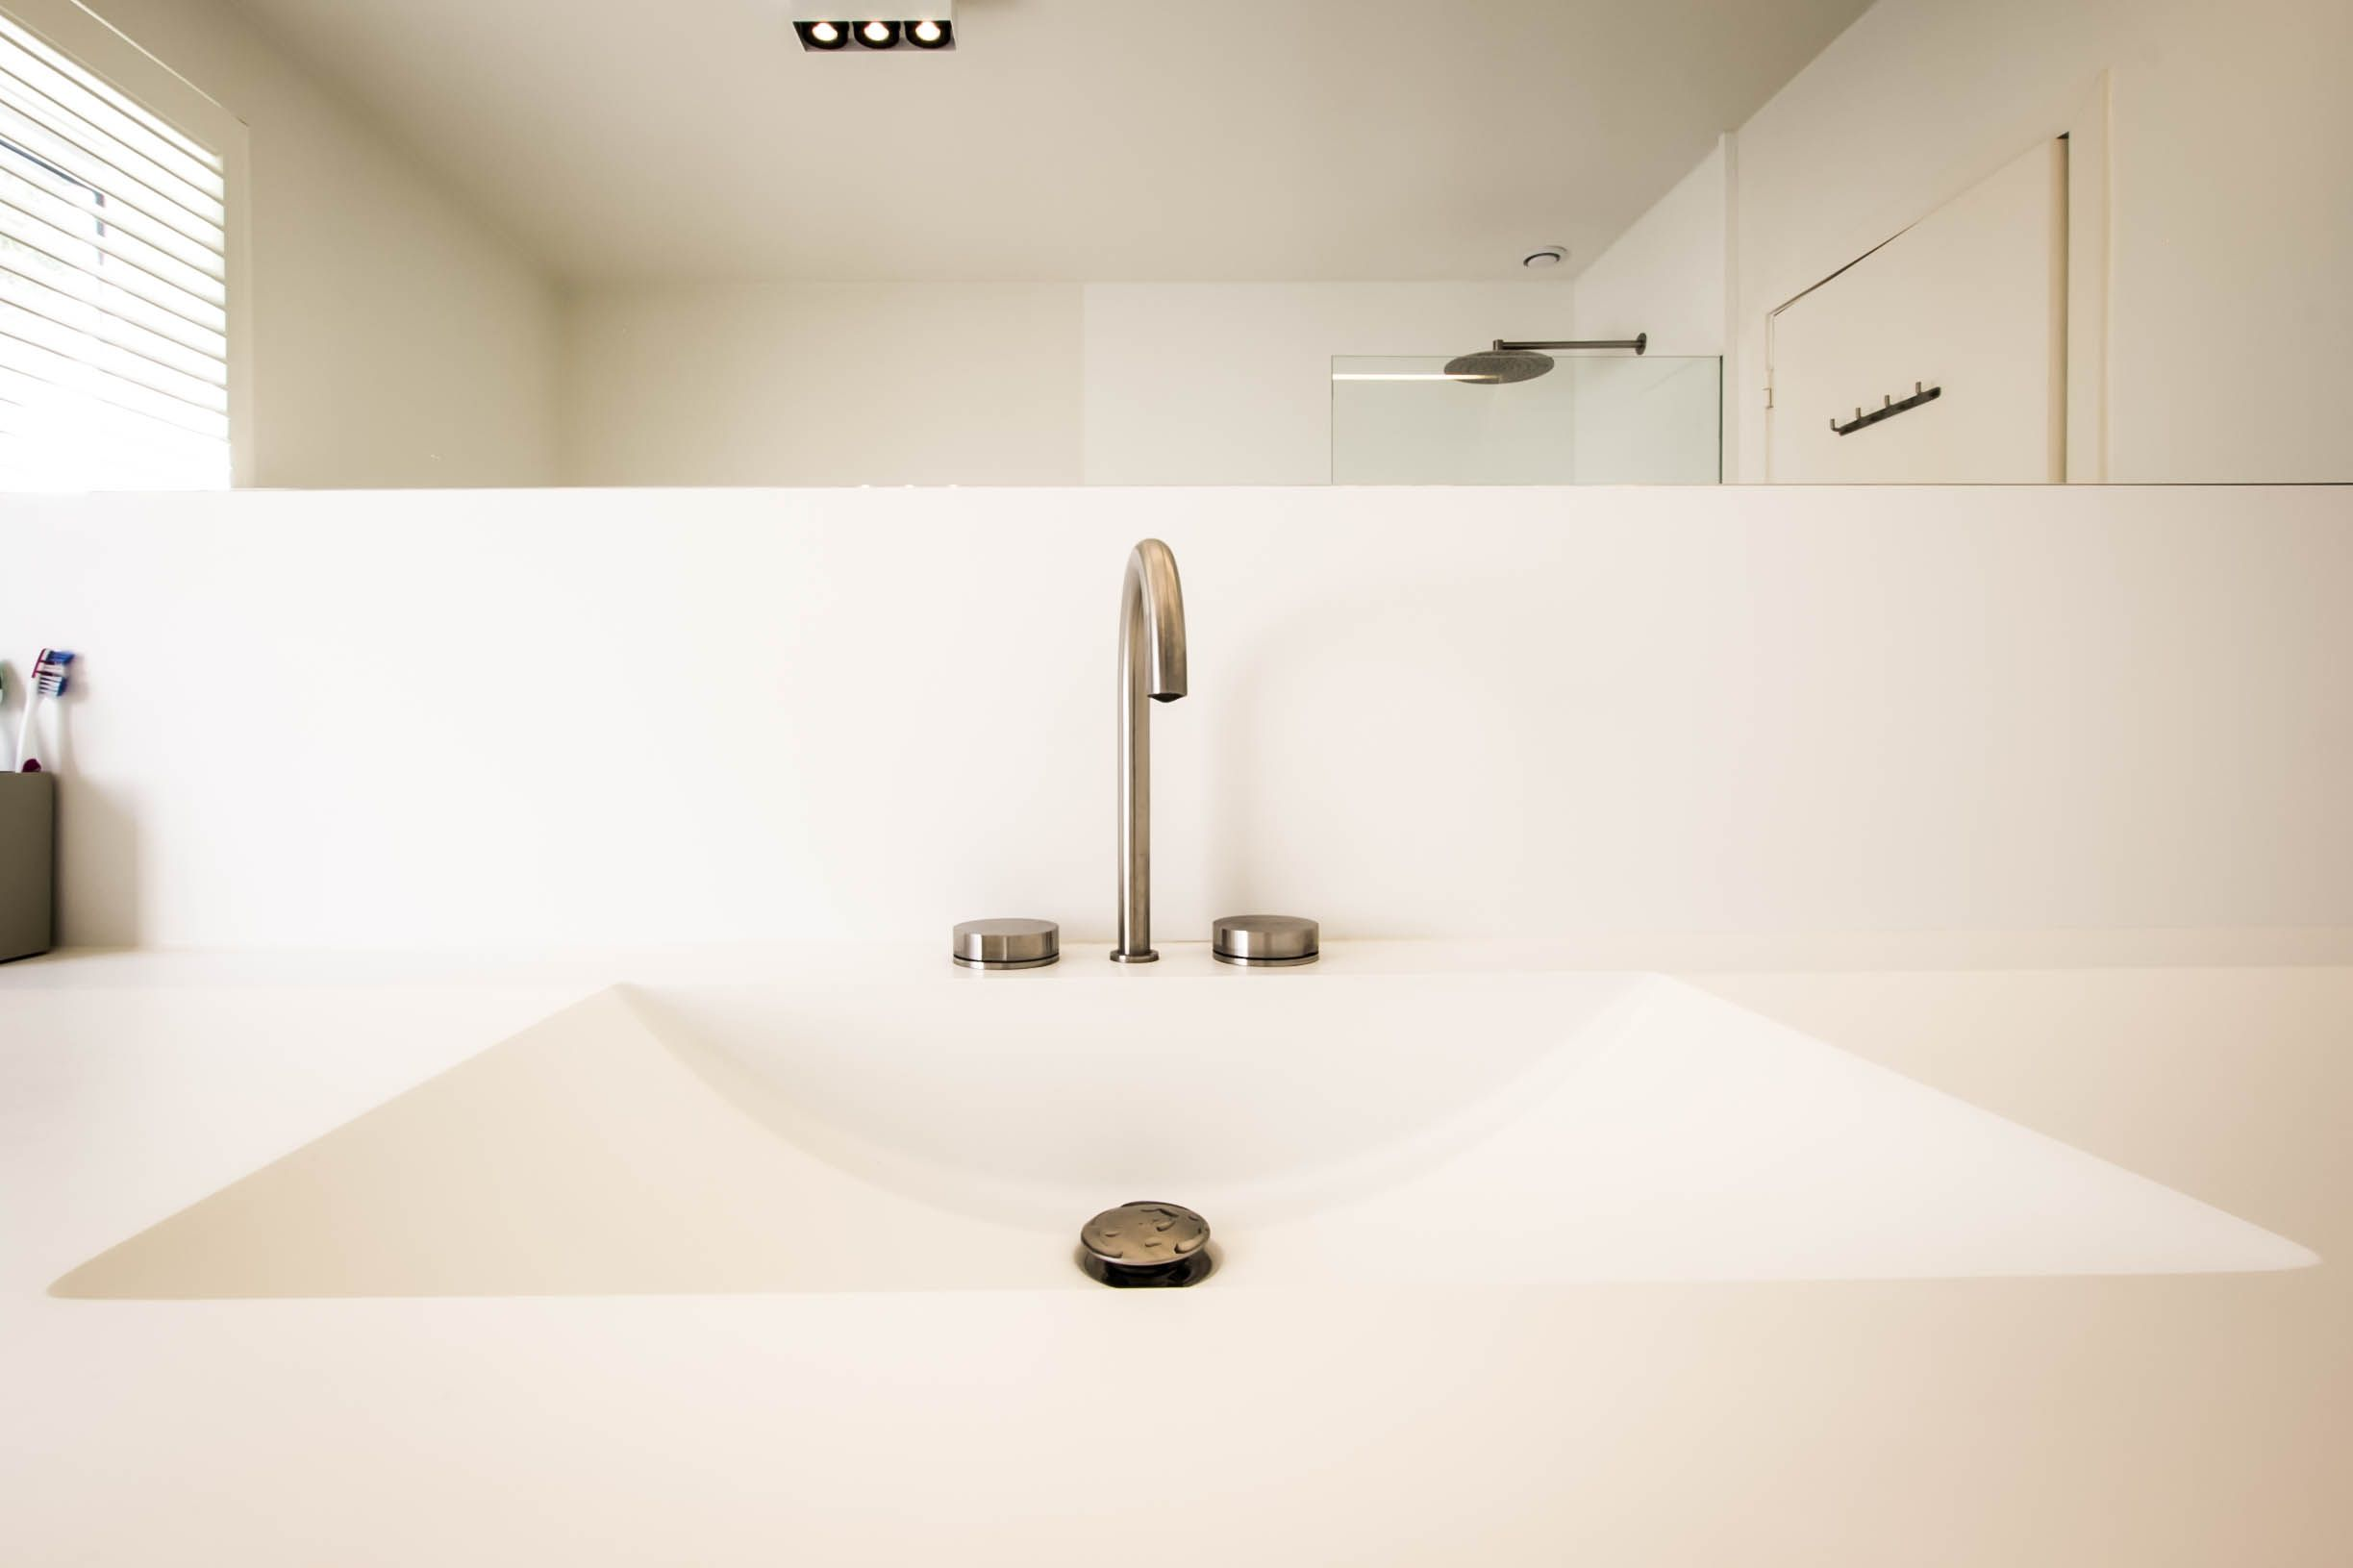 Badkamermeubel met wastafel hier moet u allemaal op letten de